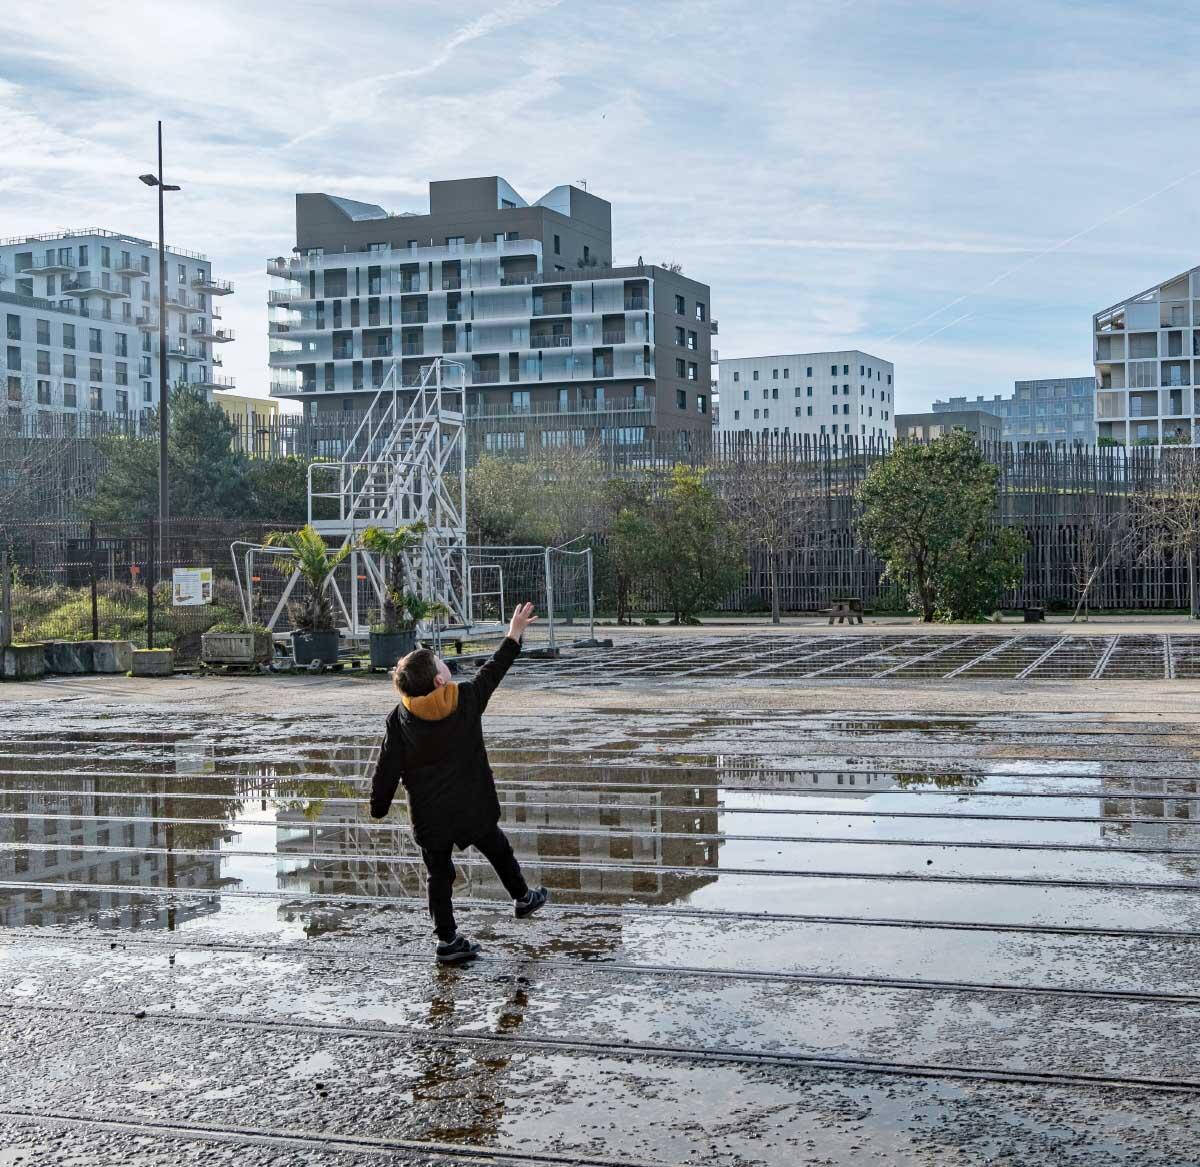 Raum für das Unfertige, gerahmt von vielfältigen Freiraumstrukturen. Esplanade des Riveurs vor dem Quartier Prairie au Duc auf der Île de Nantes.  Bild: Volker Schopp